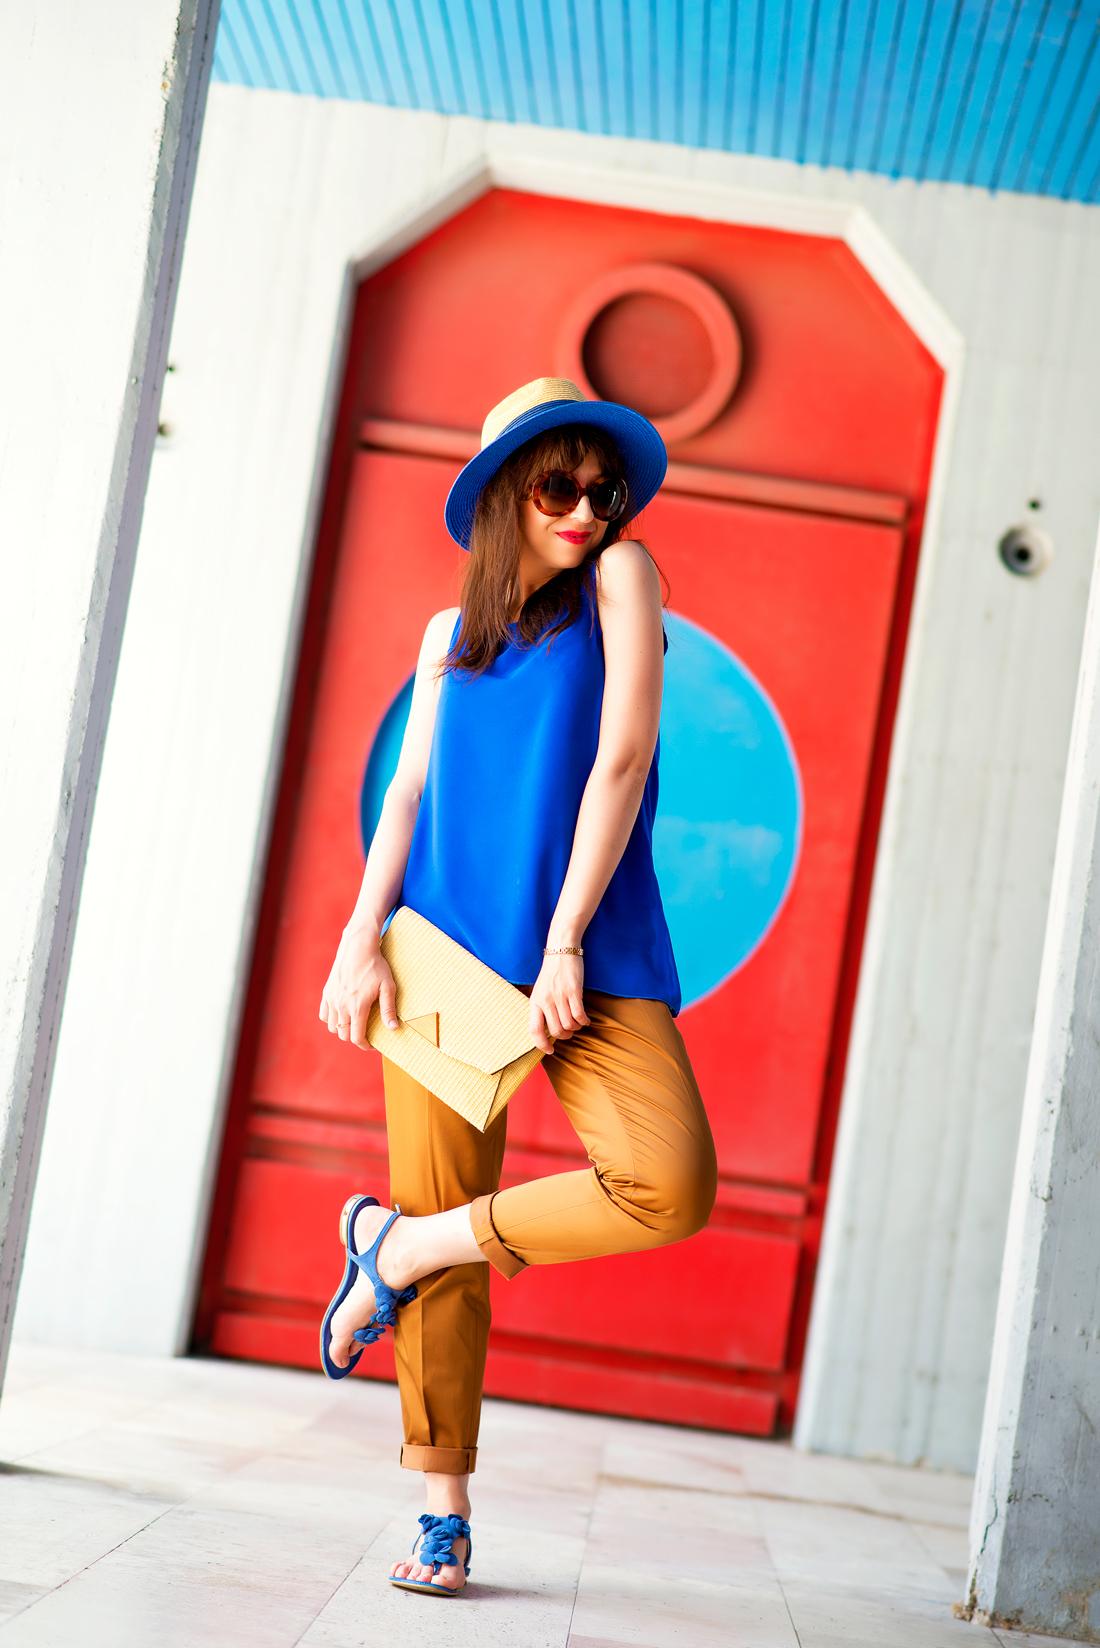 INŠPIRÁCIA NA JAR/LETO 2018 ALEBO AKO NOSIŤ KLOBÚK_Katharine-fashion is beautiful_Blog 7_Slamený klobúk Parfois_Slamená listová kabelka_OOTD_Katarína Jakubčová_Fashion blogger